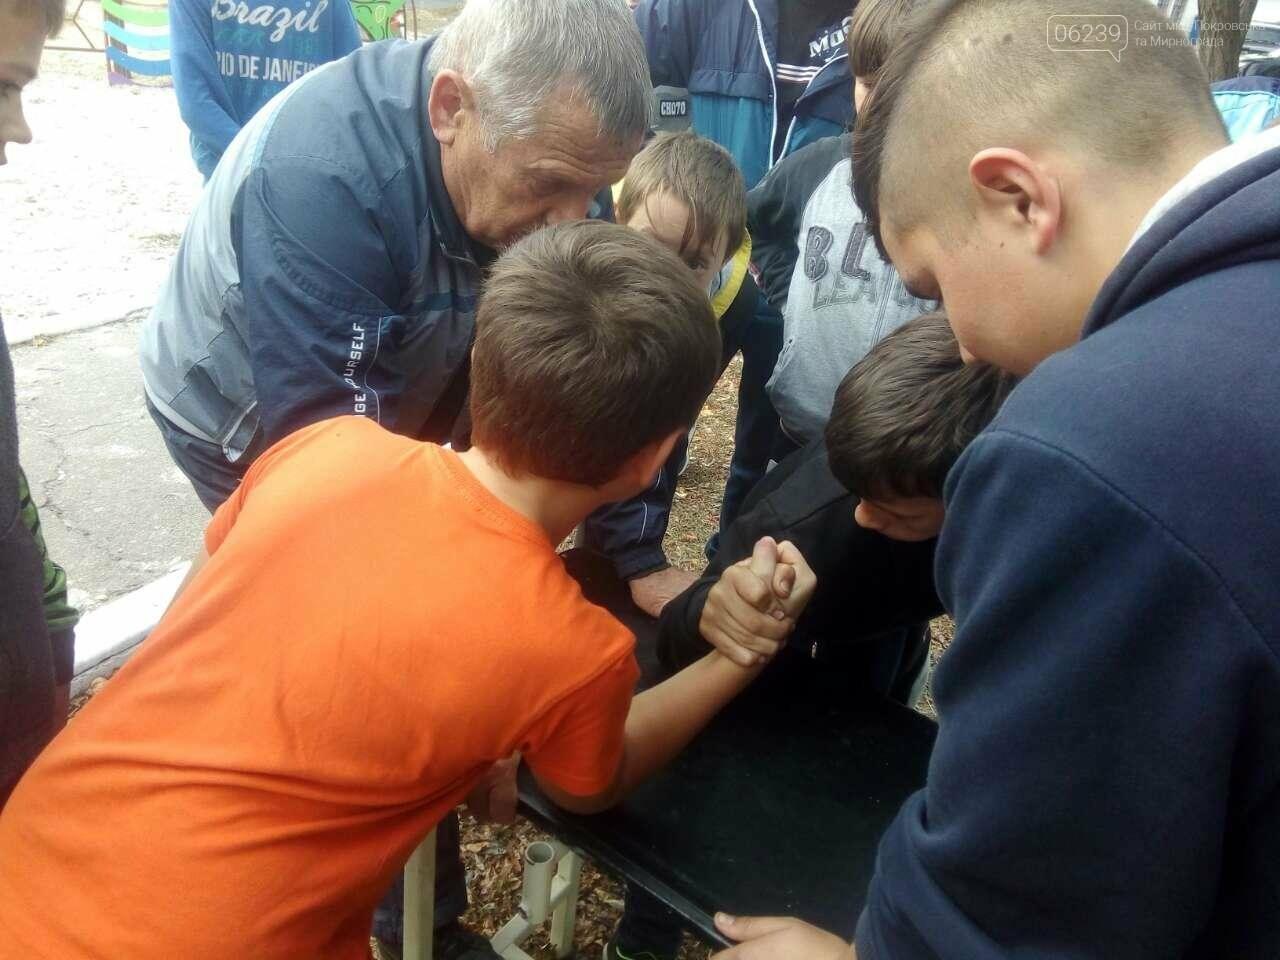 У селищі Шевченко пройшли змагання  з армспорту, гирьового спорту та перетягування канату, фото-2